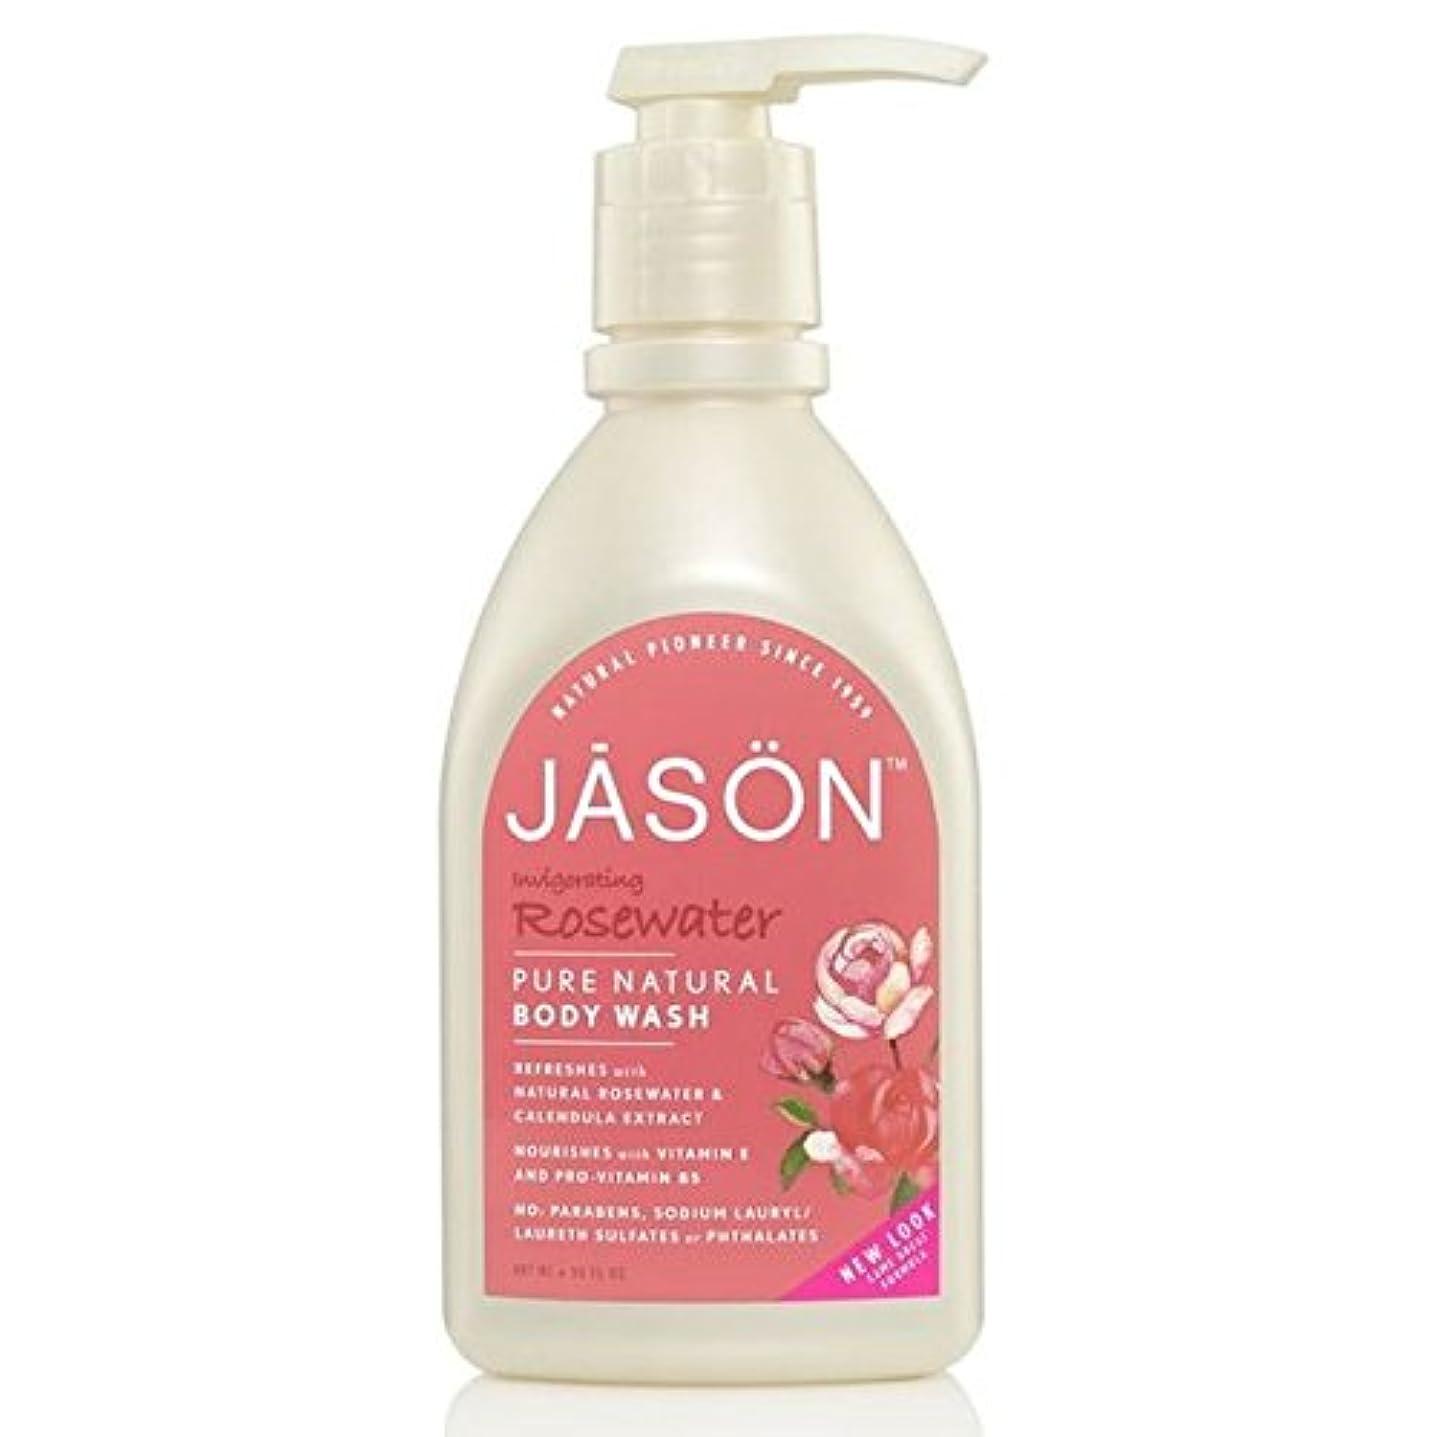 遵守するほこりはっきりしないジェイソン?ボディウォッシュローズウォーターサテンシャワー900ミリリットル x4 - Jason Body Wash Rosewater Satin Shower 900ml (Pack of 4) [並行輸入品]